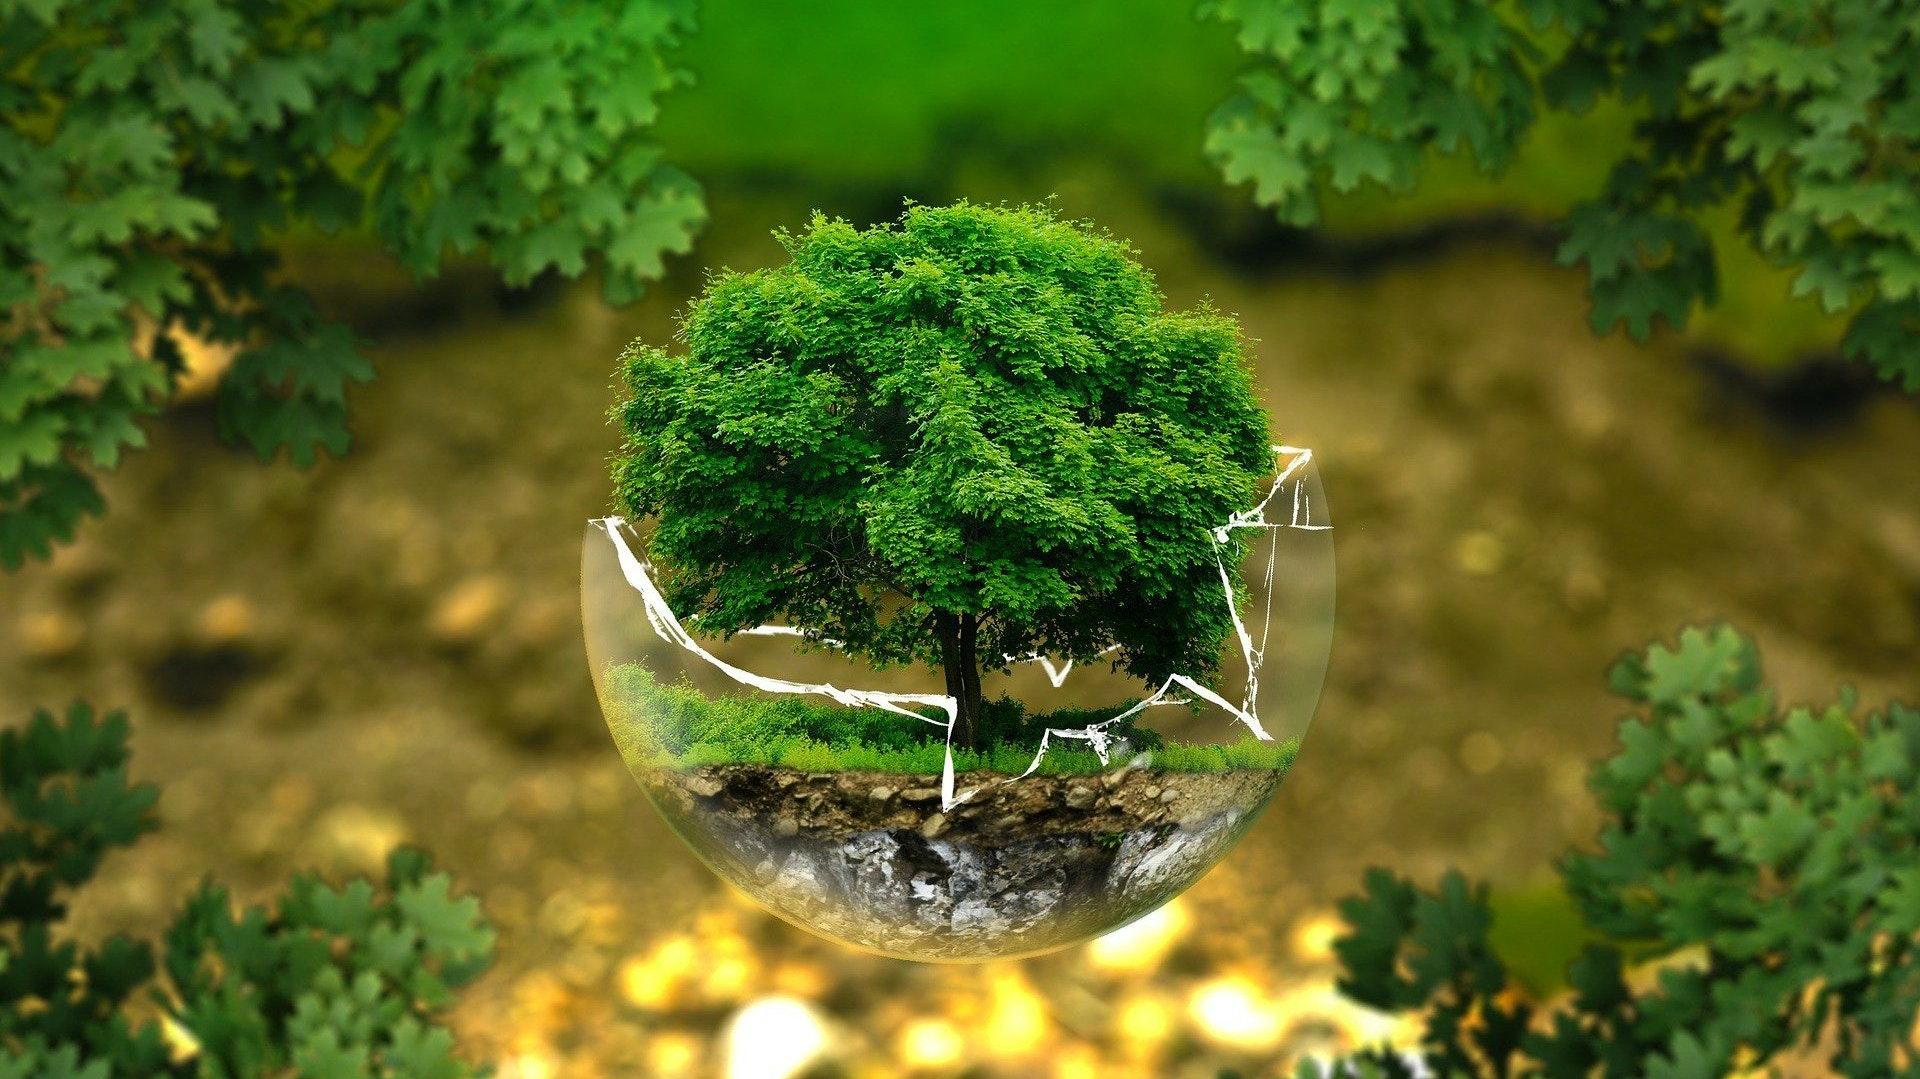 Die Umwelt im Blick: Das haben nach eigenen Angaben sowohl das Bürgerforum als auch die CDU. Welcher Weg der bessere ist, darüber sind sich die beiden Fraktionen indes ziemlich uneins. Foto: Pixabay